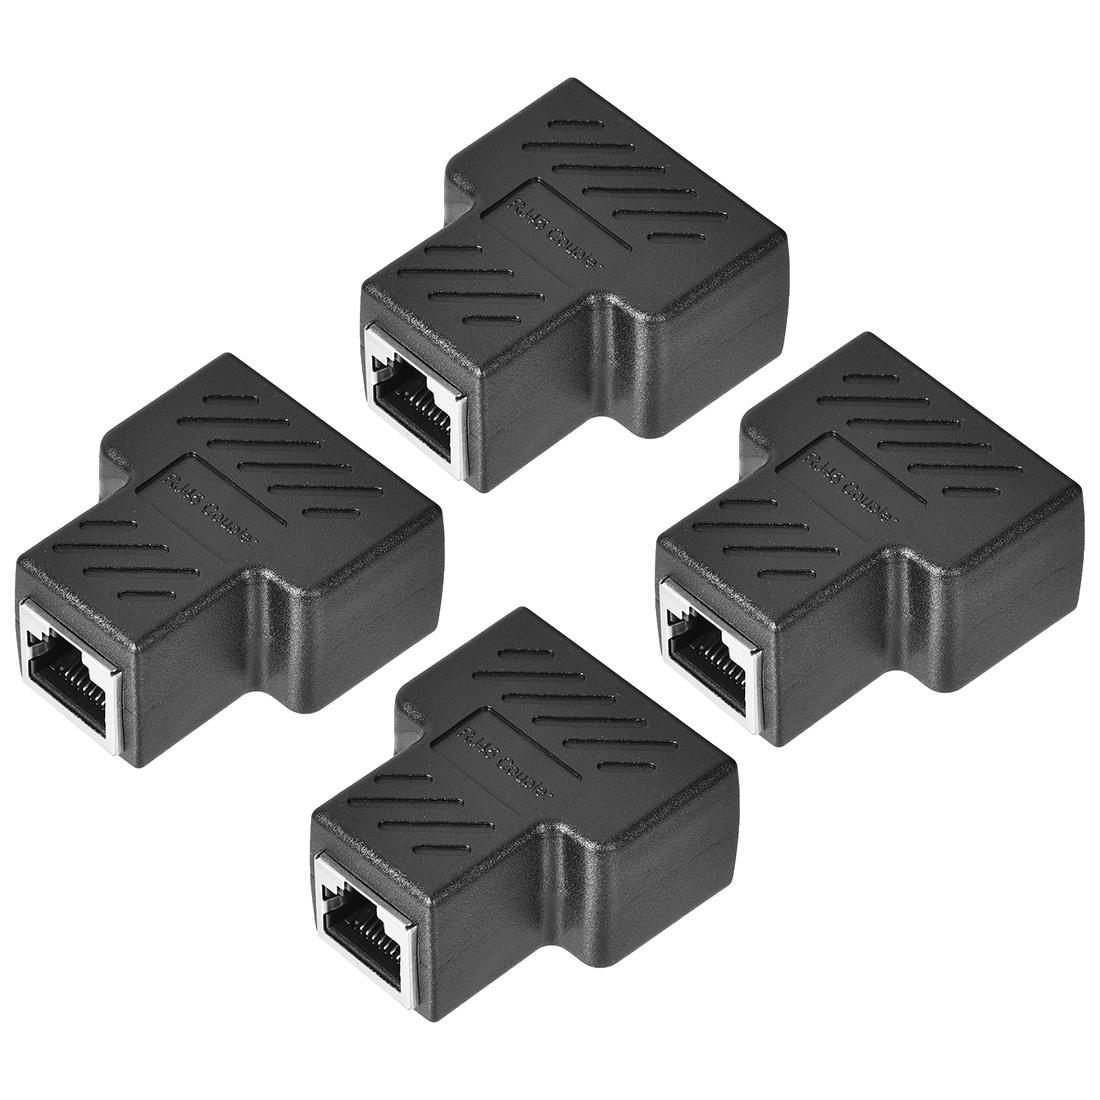 RJ45 Coupler Inline Connector Cat7 Cat6 Cat5e Ethernet Cable 44x36x21mm 4Pcs